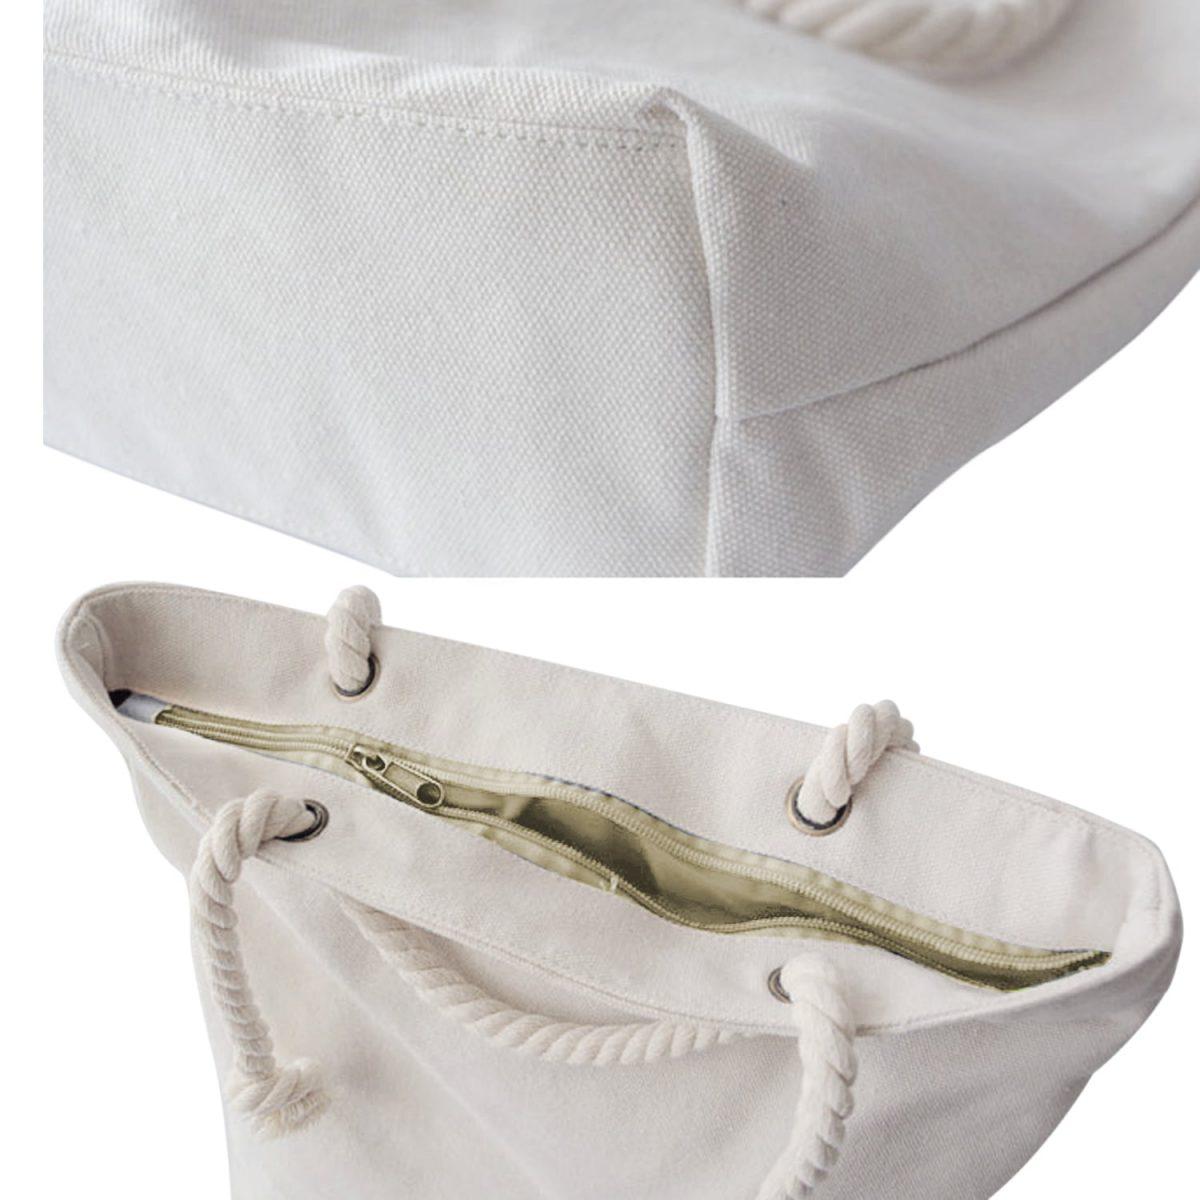 Beyaz Zeminli Geyik ve Yaprak Motifleri Dijital Baskılı Fermuarlı Kumaş Çanta Realhomes